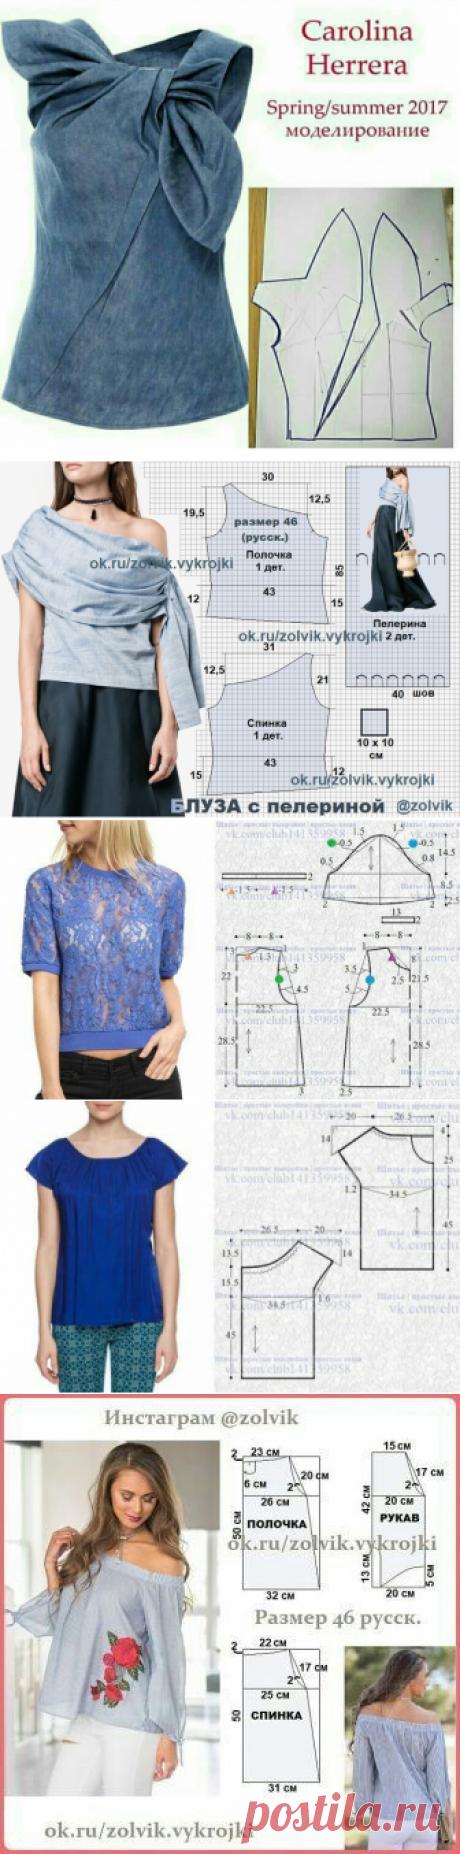 Интересные идеи блузок и не только: с выкройками или вариантами моделирования — Сделай сам, идеи для творчества - DIY Ideas